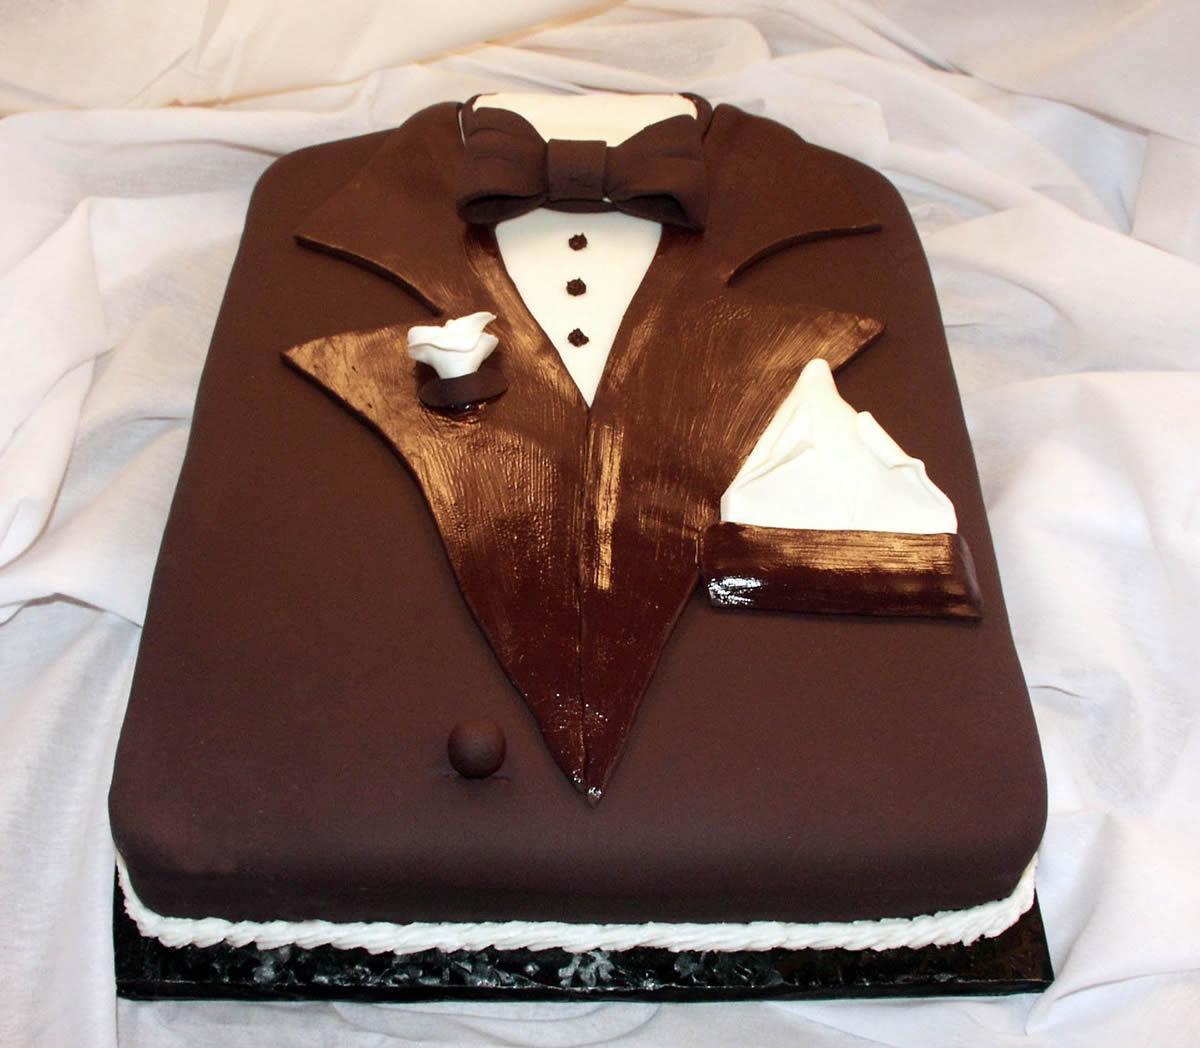 Groom S Tuxedo Cake Texas Rose Bakery